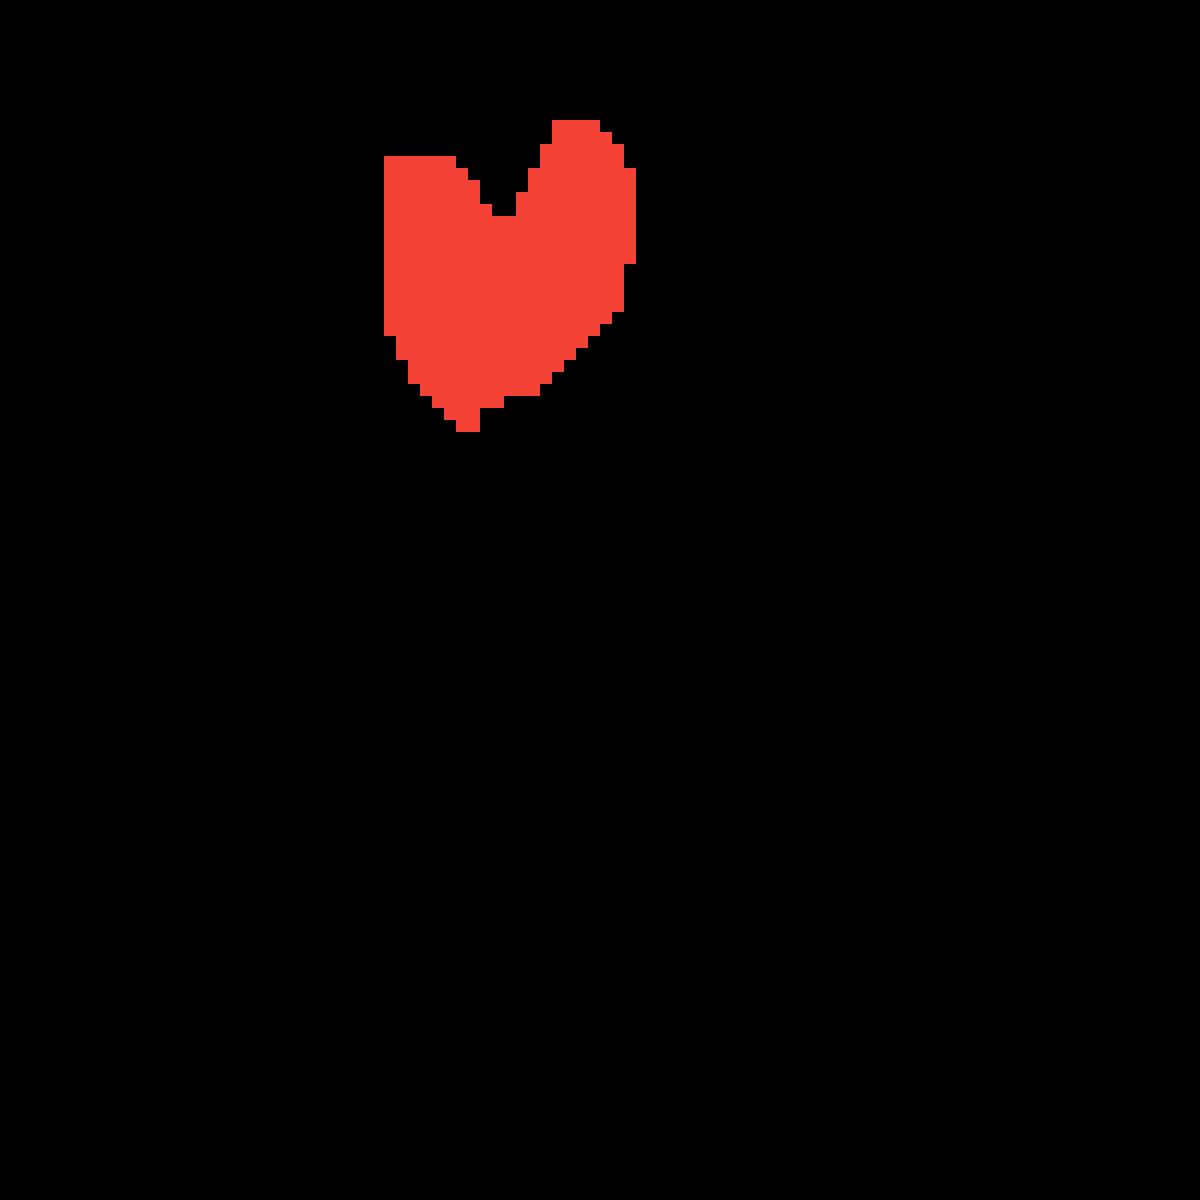 A Heart from UNDERTALE by AmesomezGamerz2